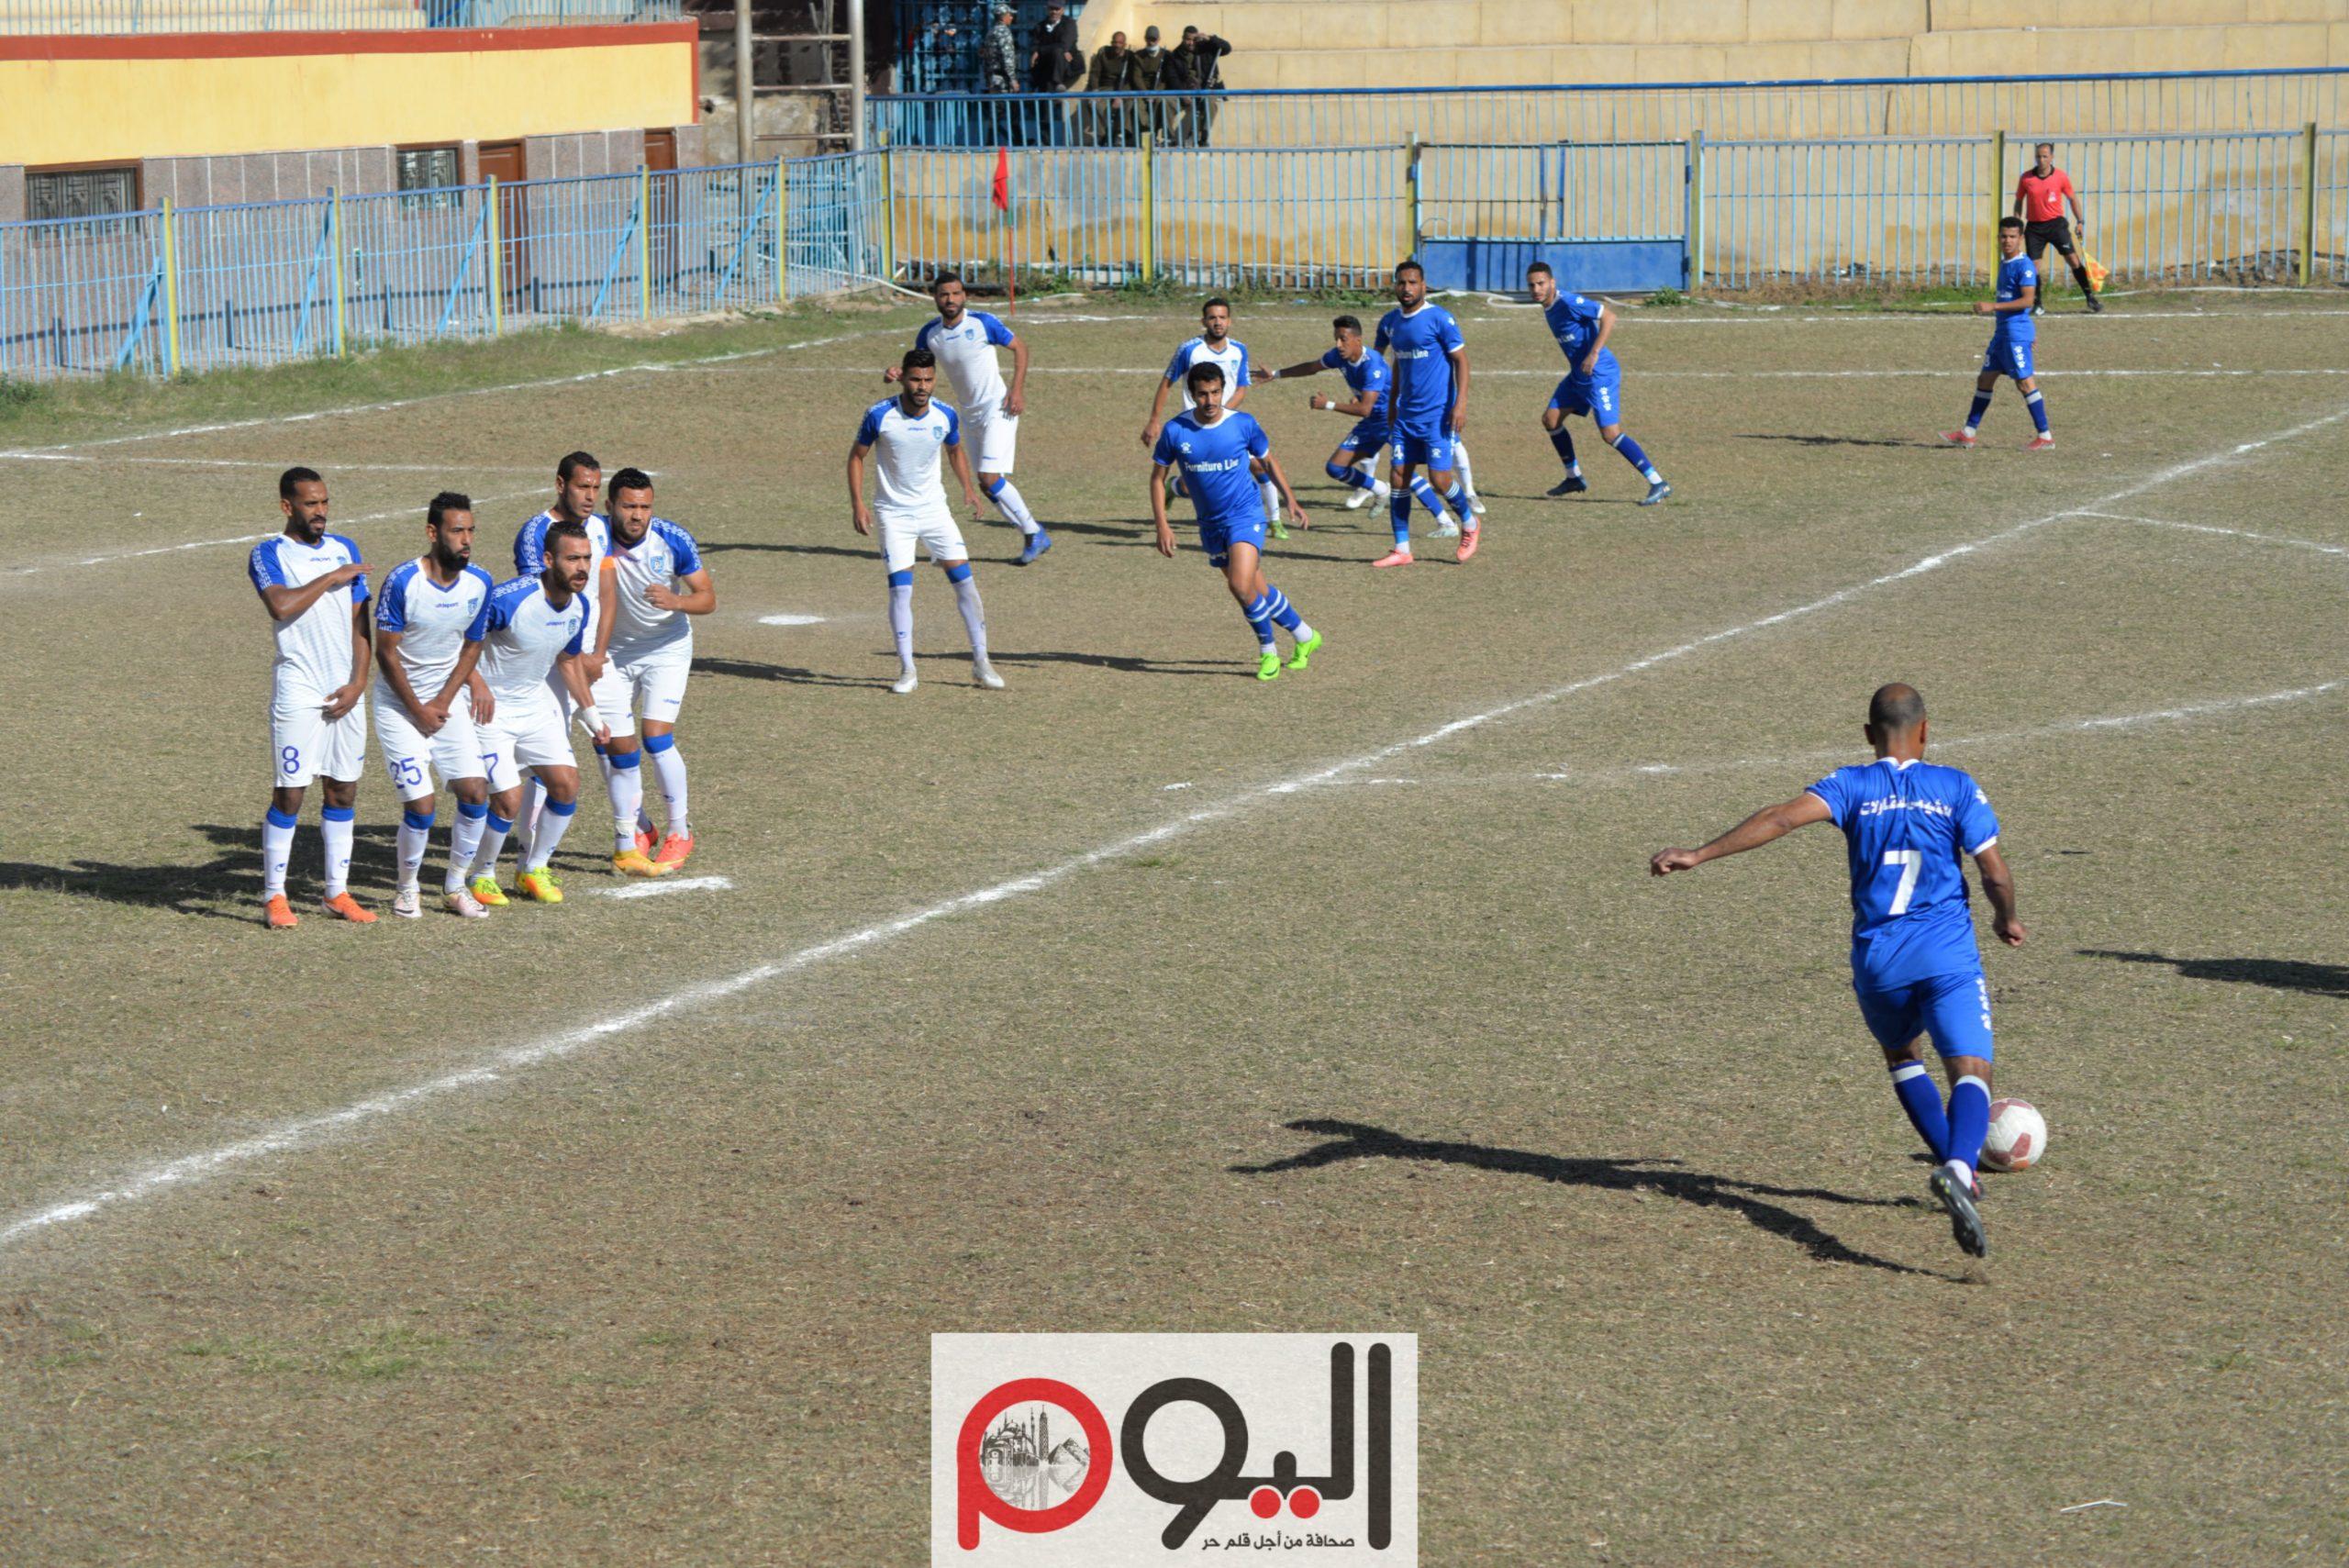 مباراة شبان قنا والألومنيوم بالقسم الثاني، تصوير نورهان ذكي